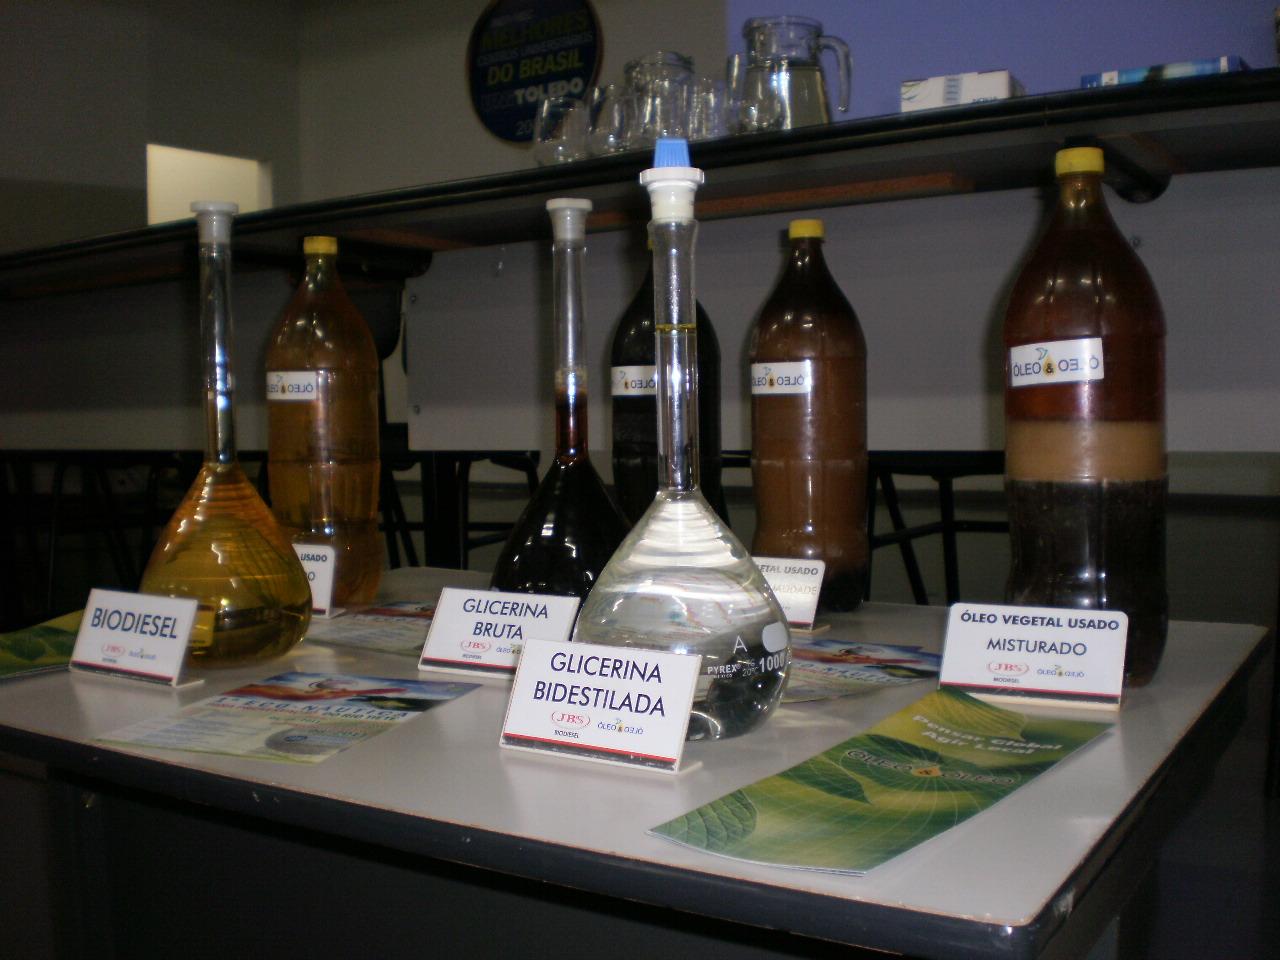 óleo a proposta é arrecadar óleo de cozinha para reciclagem #5F4932 1280 960